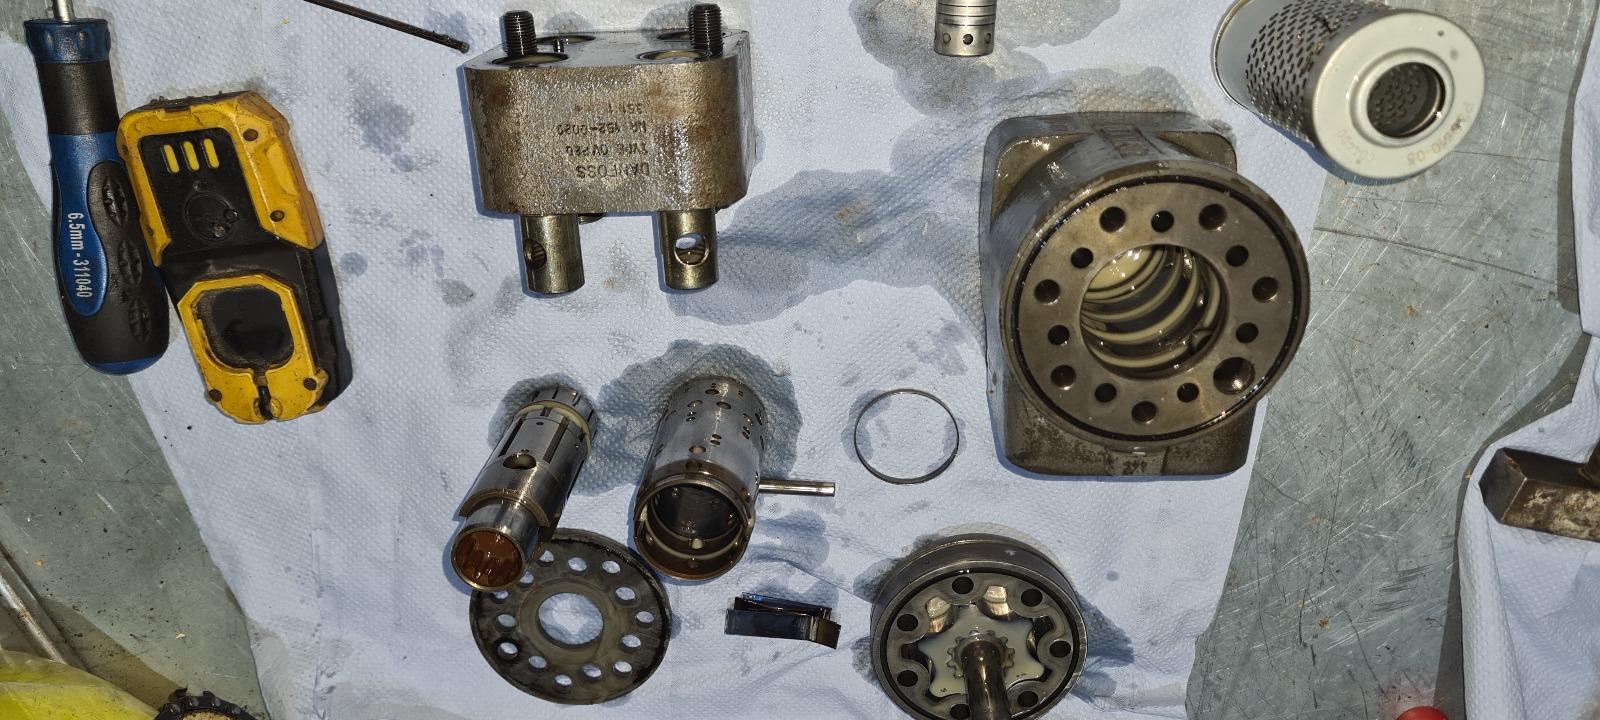 Revisie van een holder, onderdelen